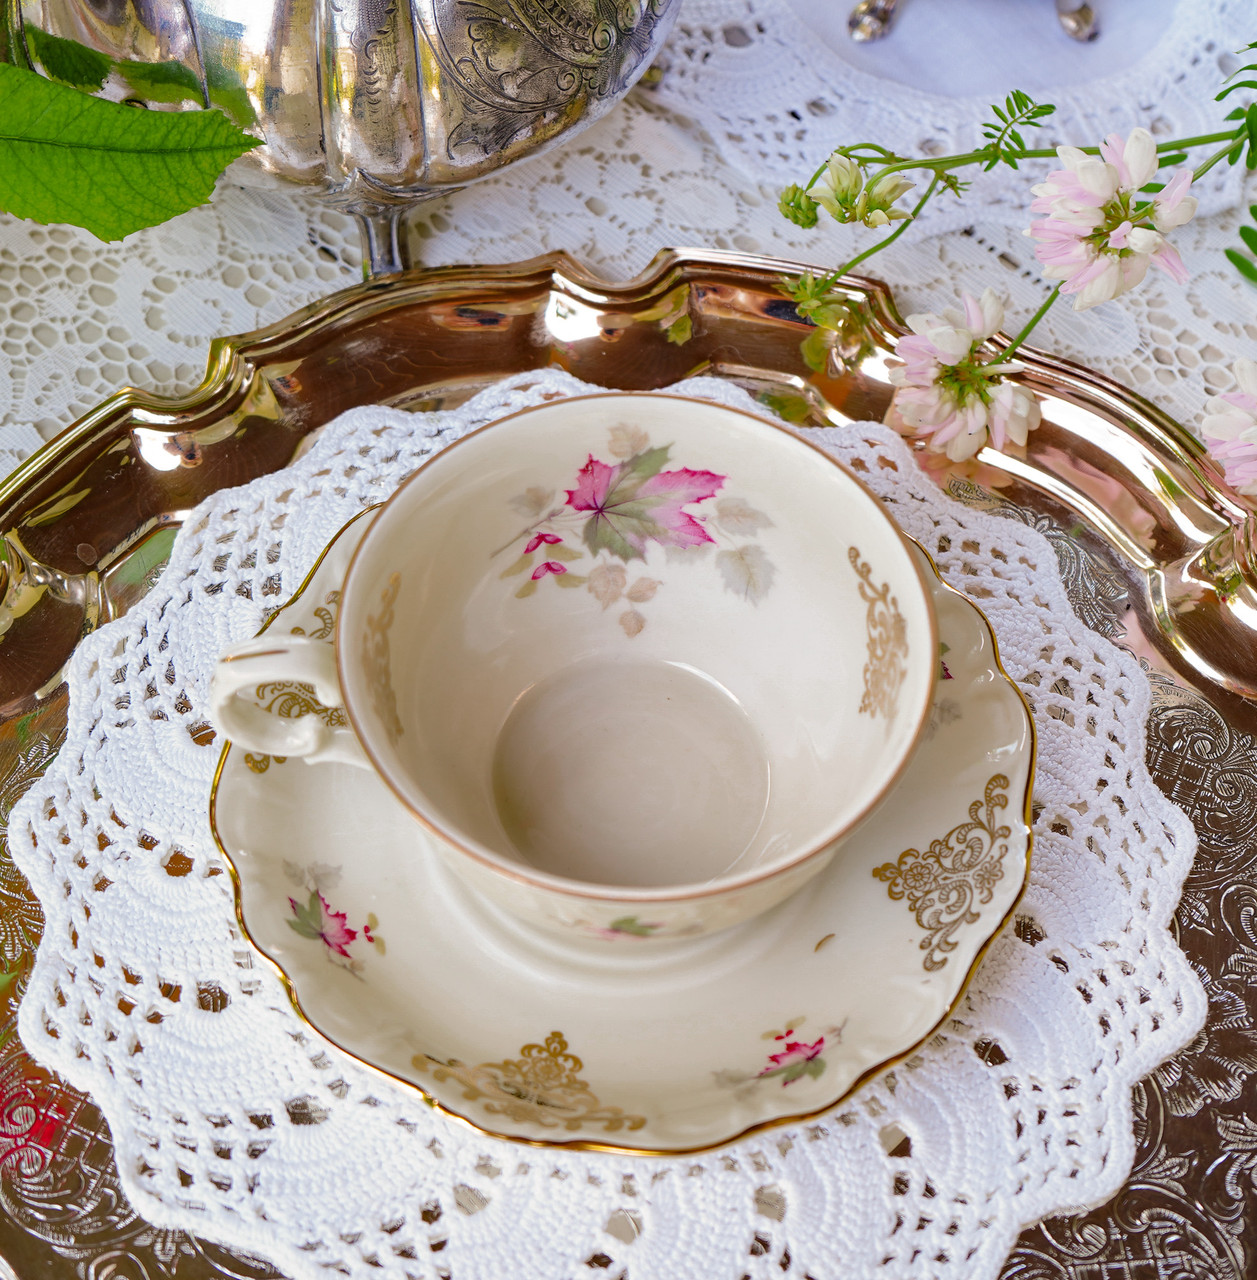 Антикварная фарфоровая чайная двойка, немецкая чашка и  блюдце, Porzellanfabrik Carl Schumann, Германия фарфор